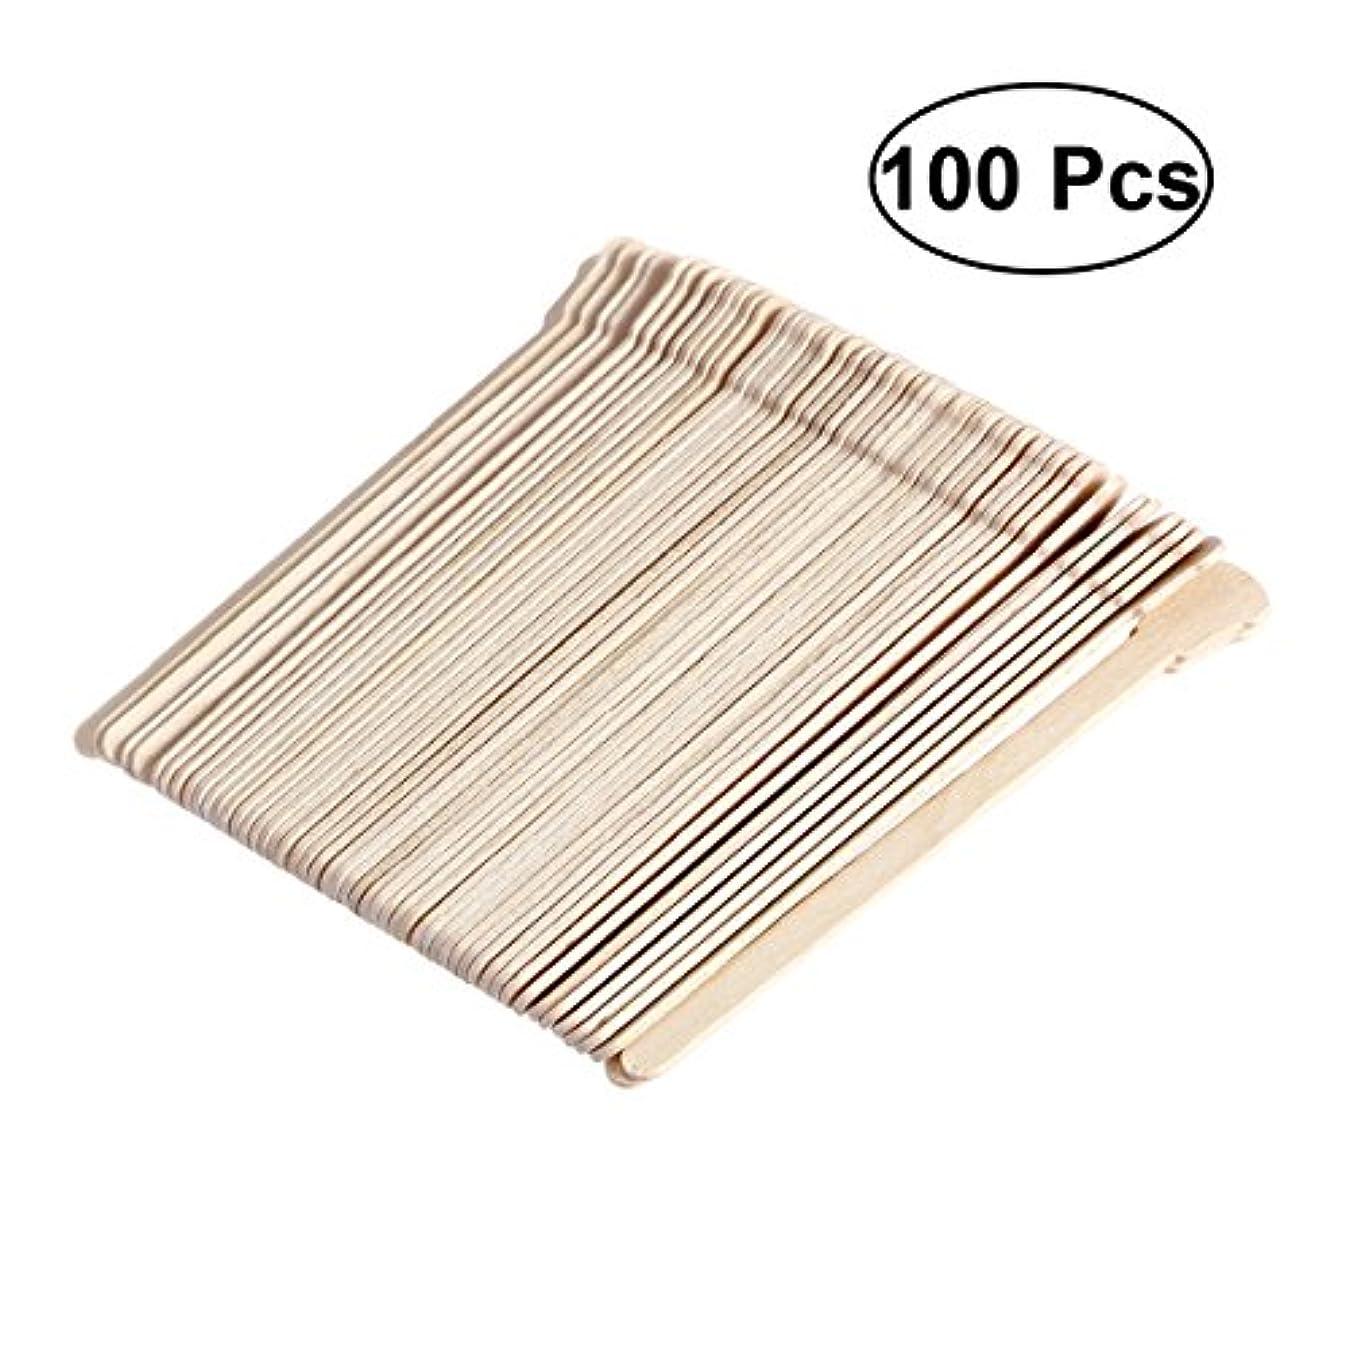 フラフープタイプライター家庭SUPVOX 100ピース木製ワックススティックフェイス眉毛ワックスへら脱毛(オリジナル木製色)